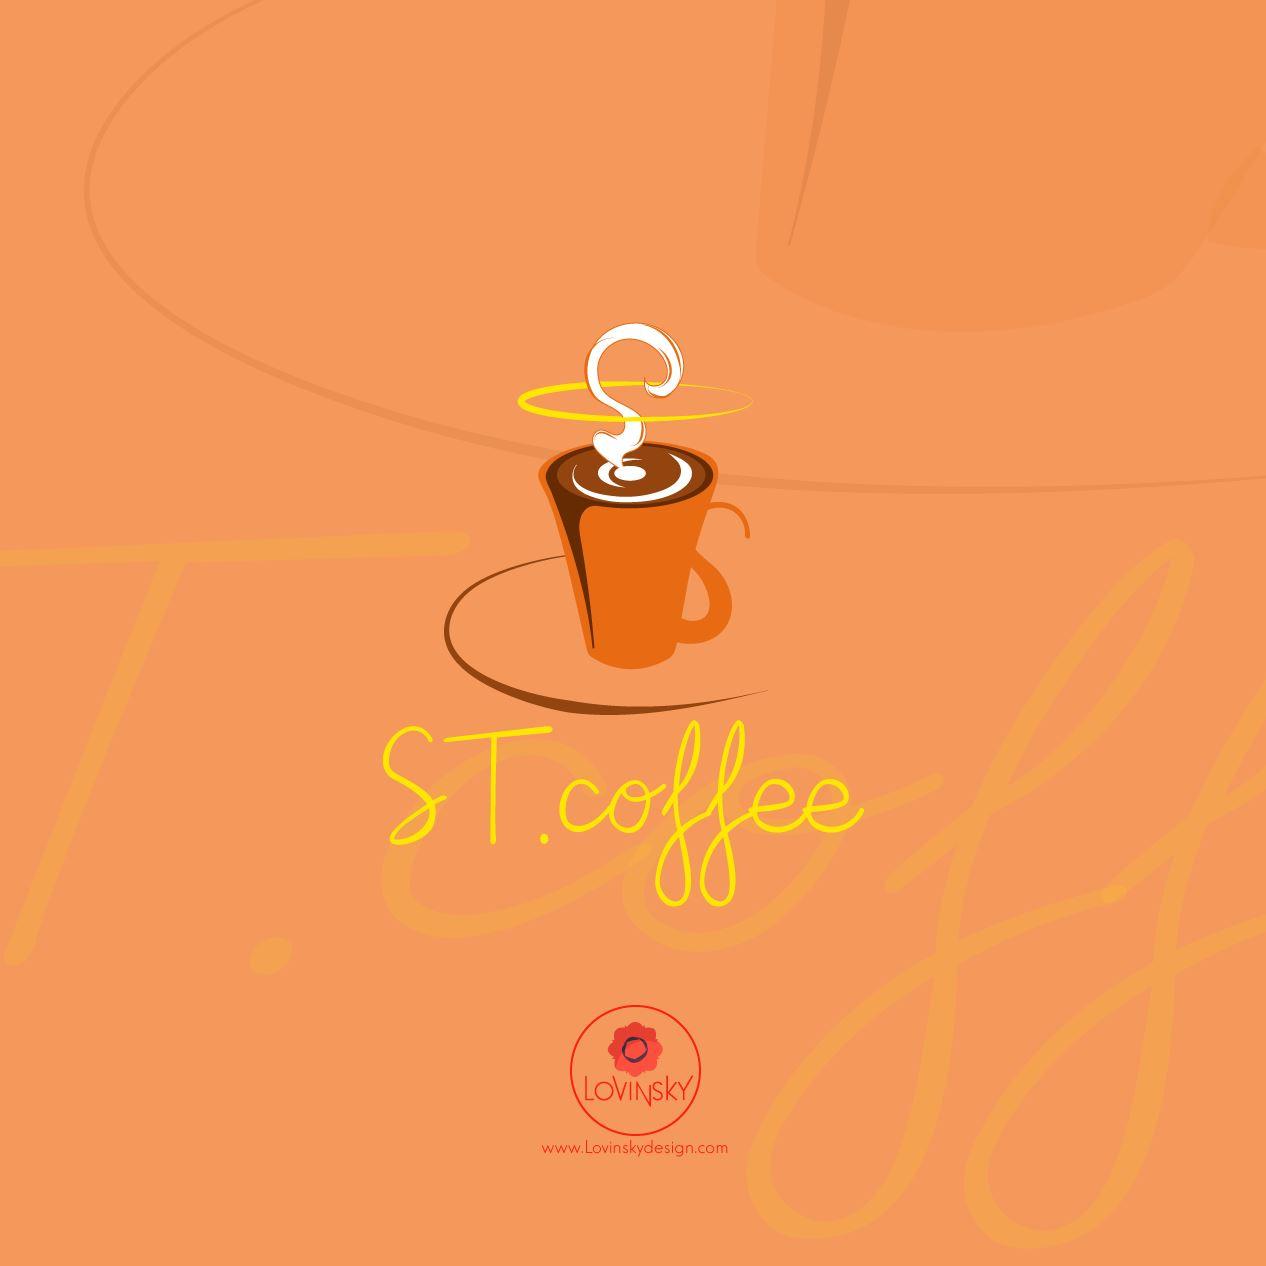 st-coffee logo lovinsky graphiste webdesigner freelance nantes 44